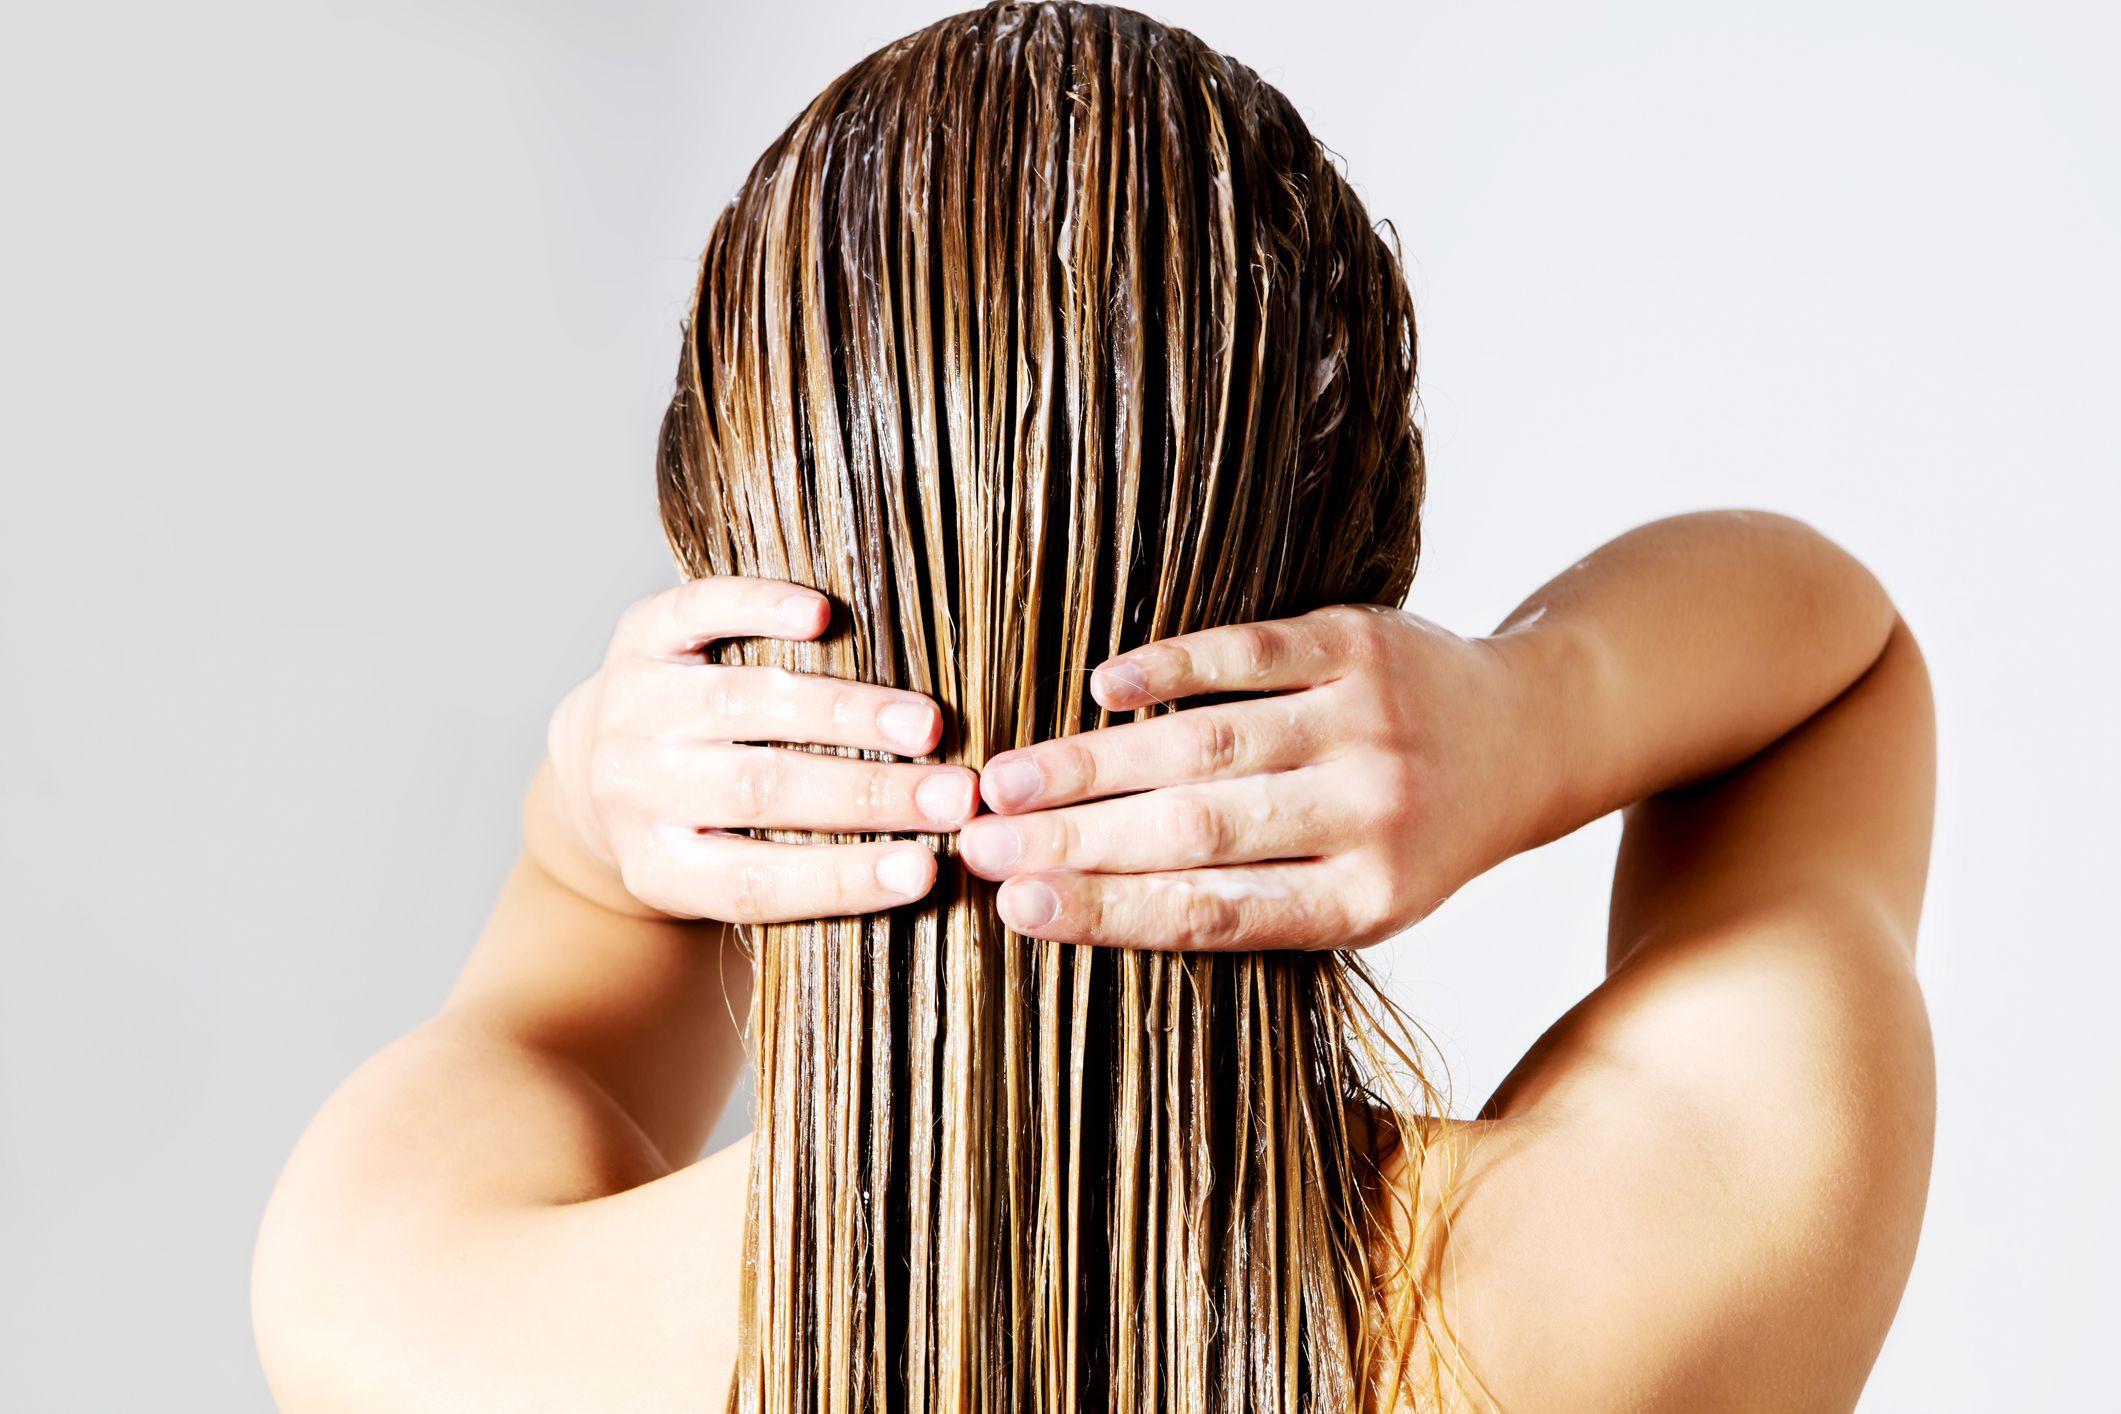 Los remedios caseros son excelentes para cuidar el cabello